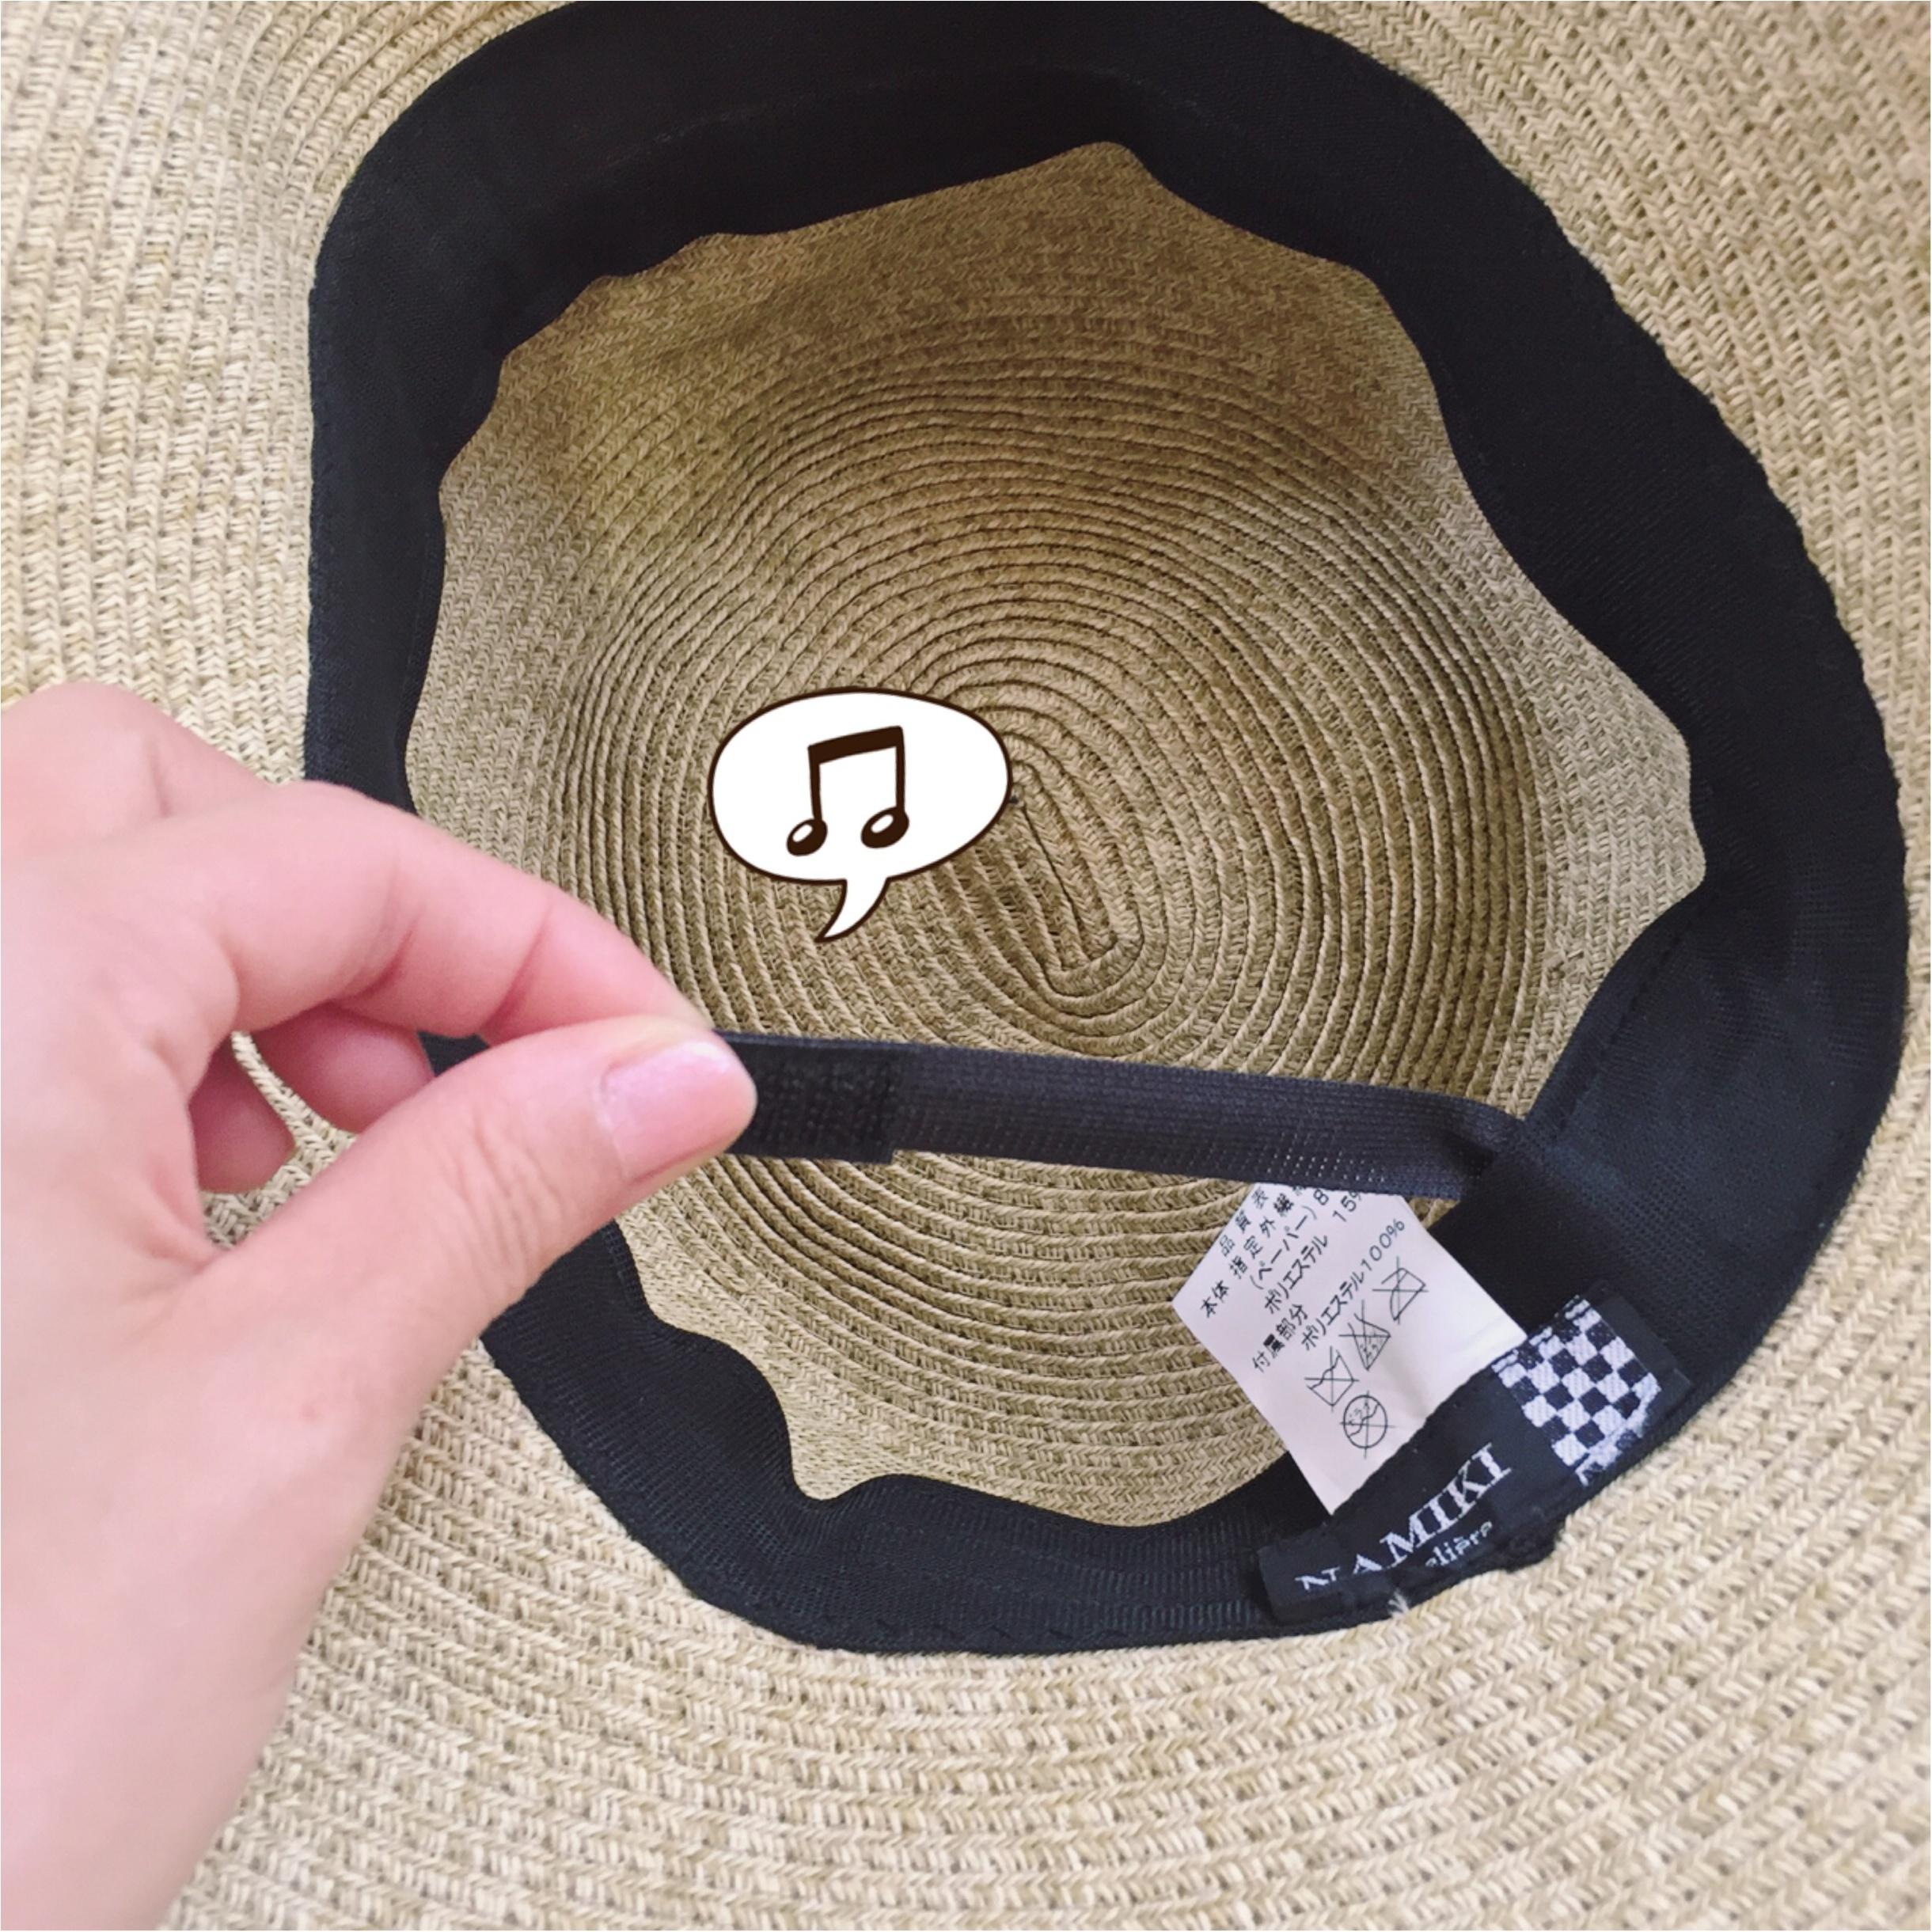 梅雨のうちにgetしなきゃ♡【帽子選び】で重視する3つのポイント_4